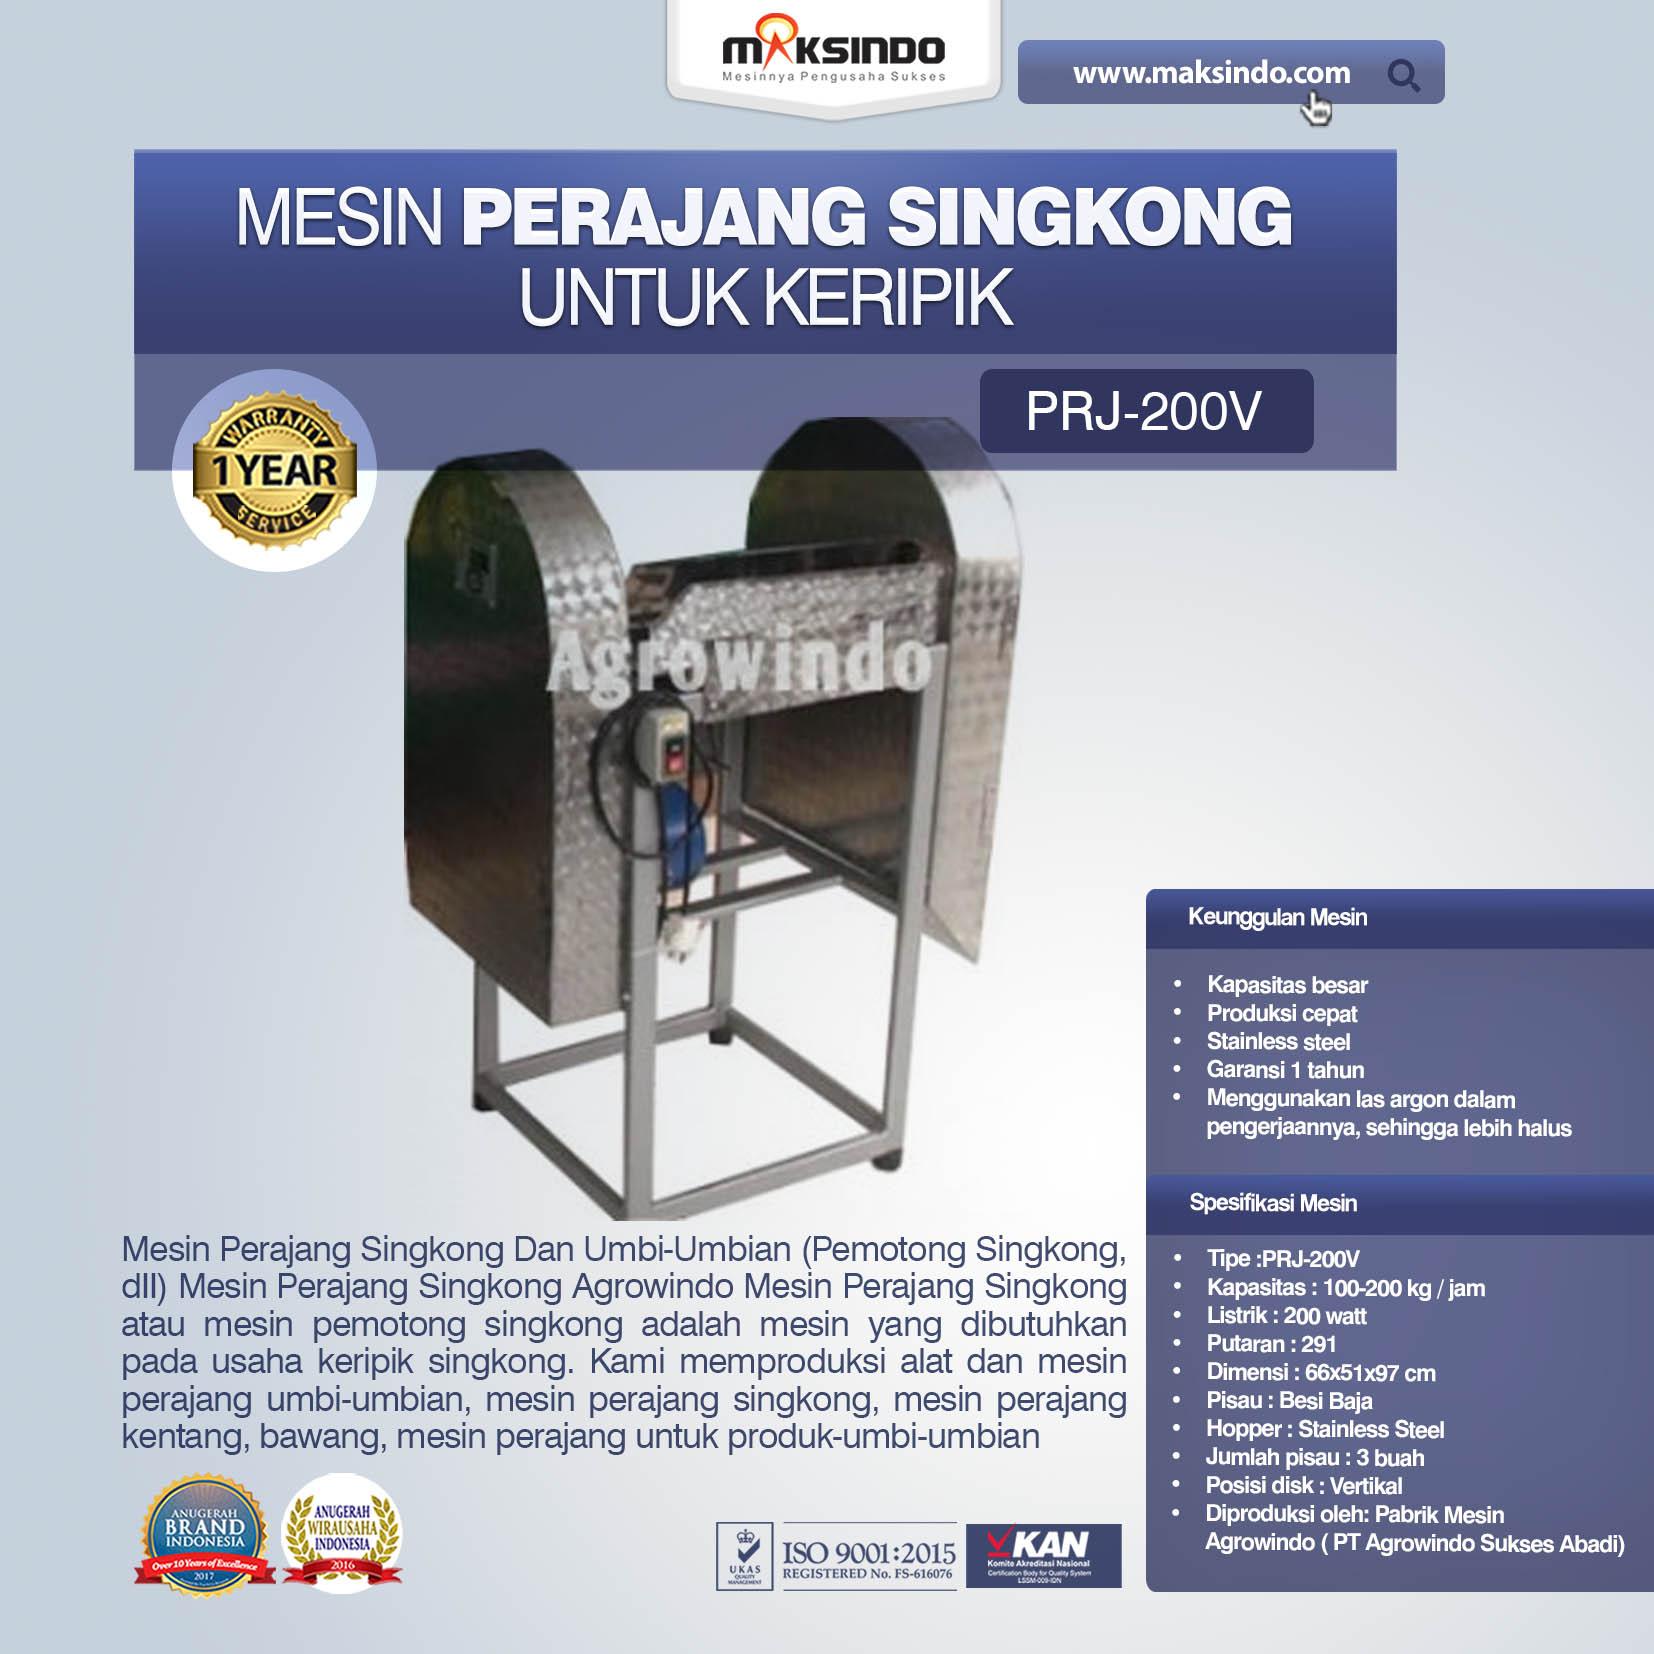 Jual Mesin Perajang Singkong Untuk Keripik di Malang